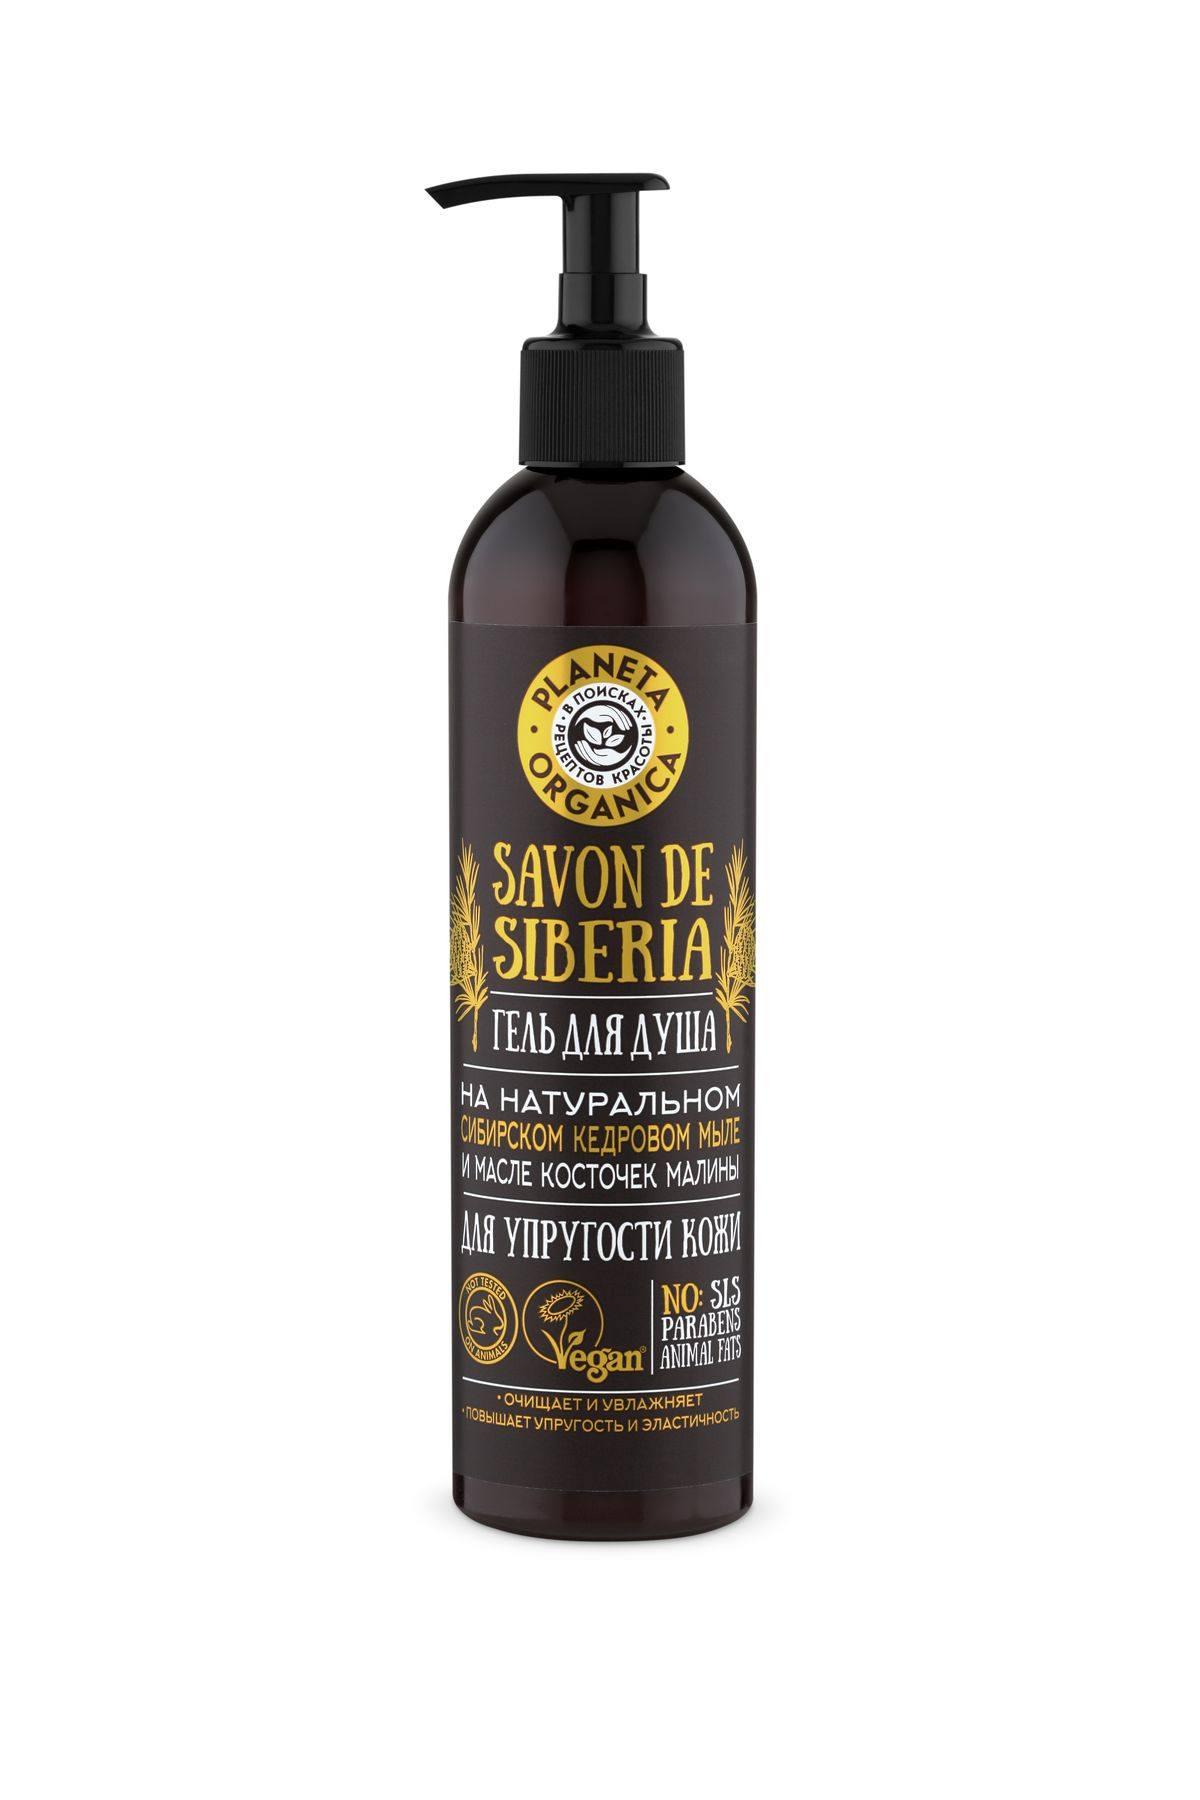 Купить Planeta Organica Savon de Гель для душа для упругости кожи Savon de Siberia, 400 мл (shop: Organic-shops Organic shops)